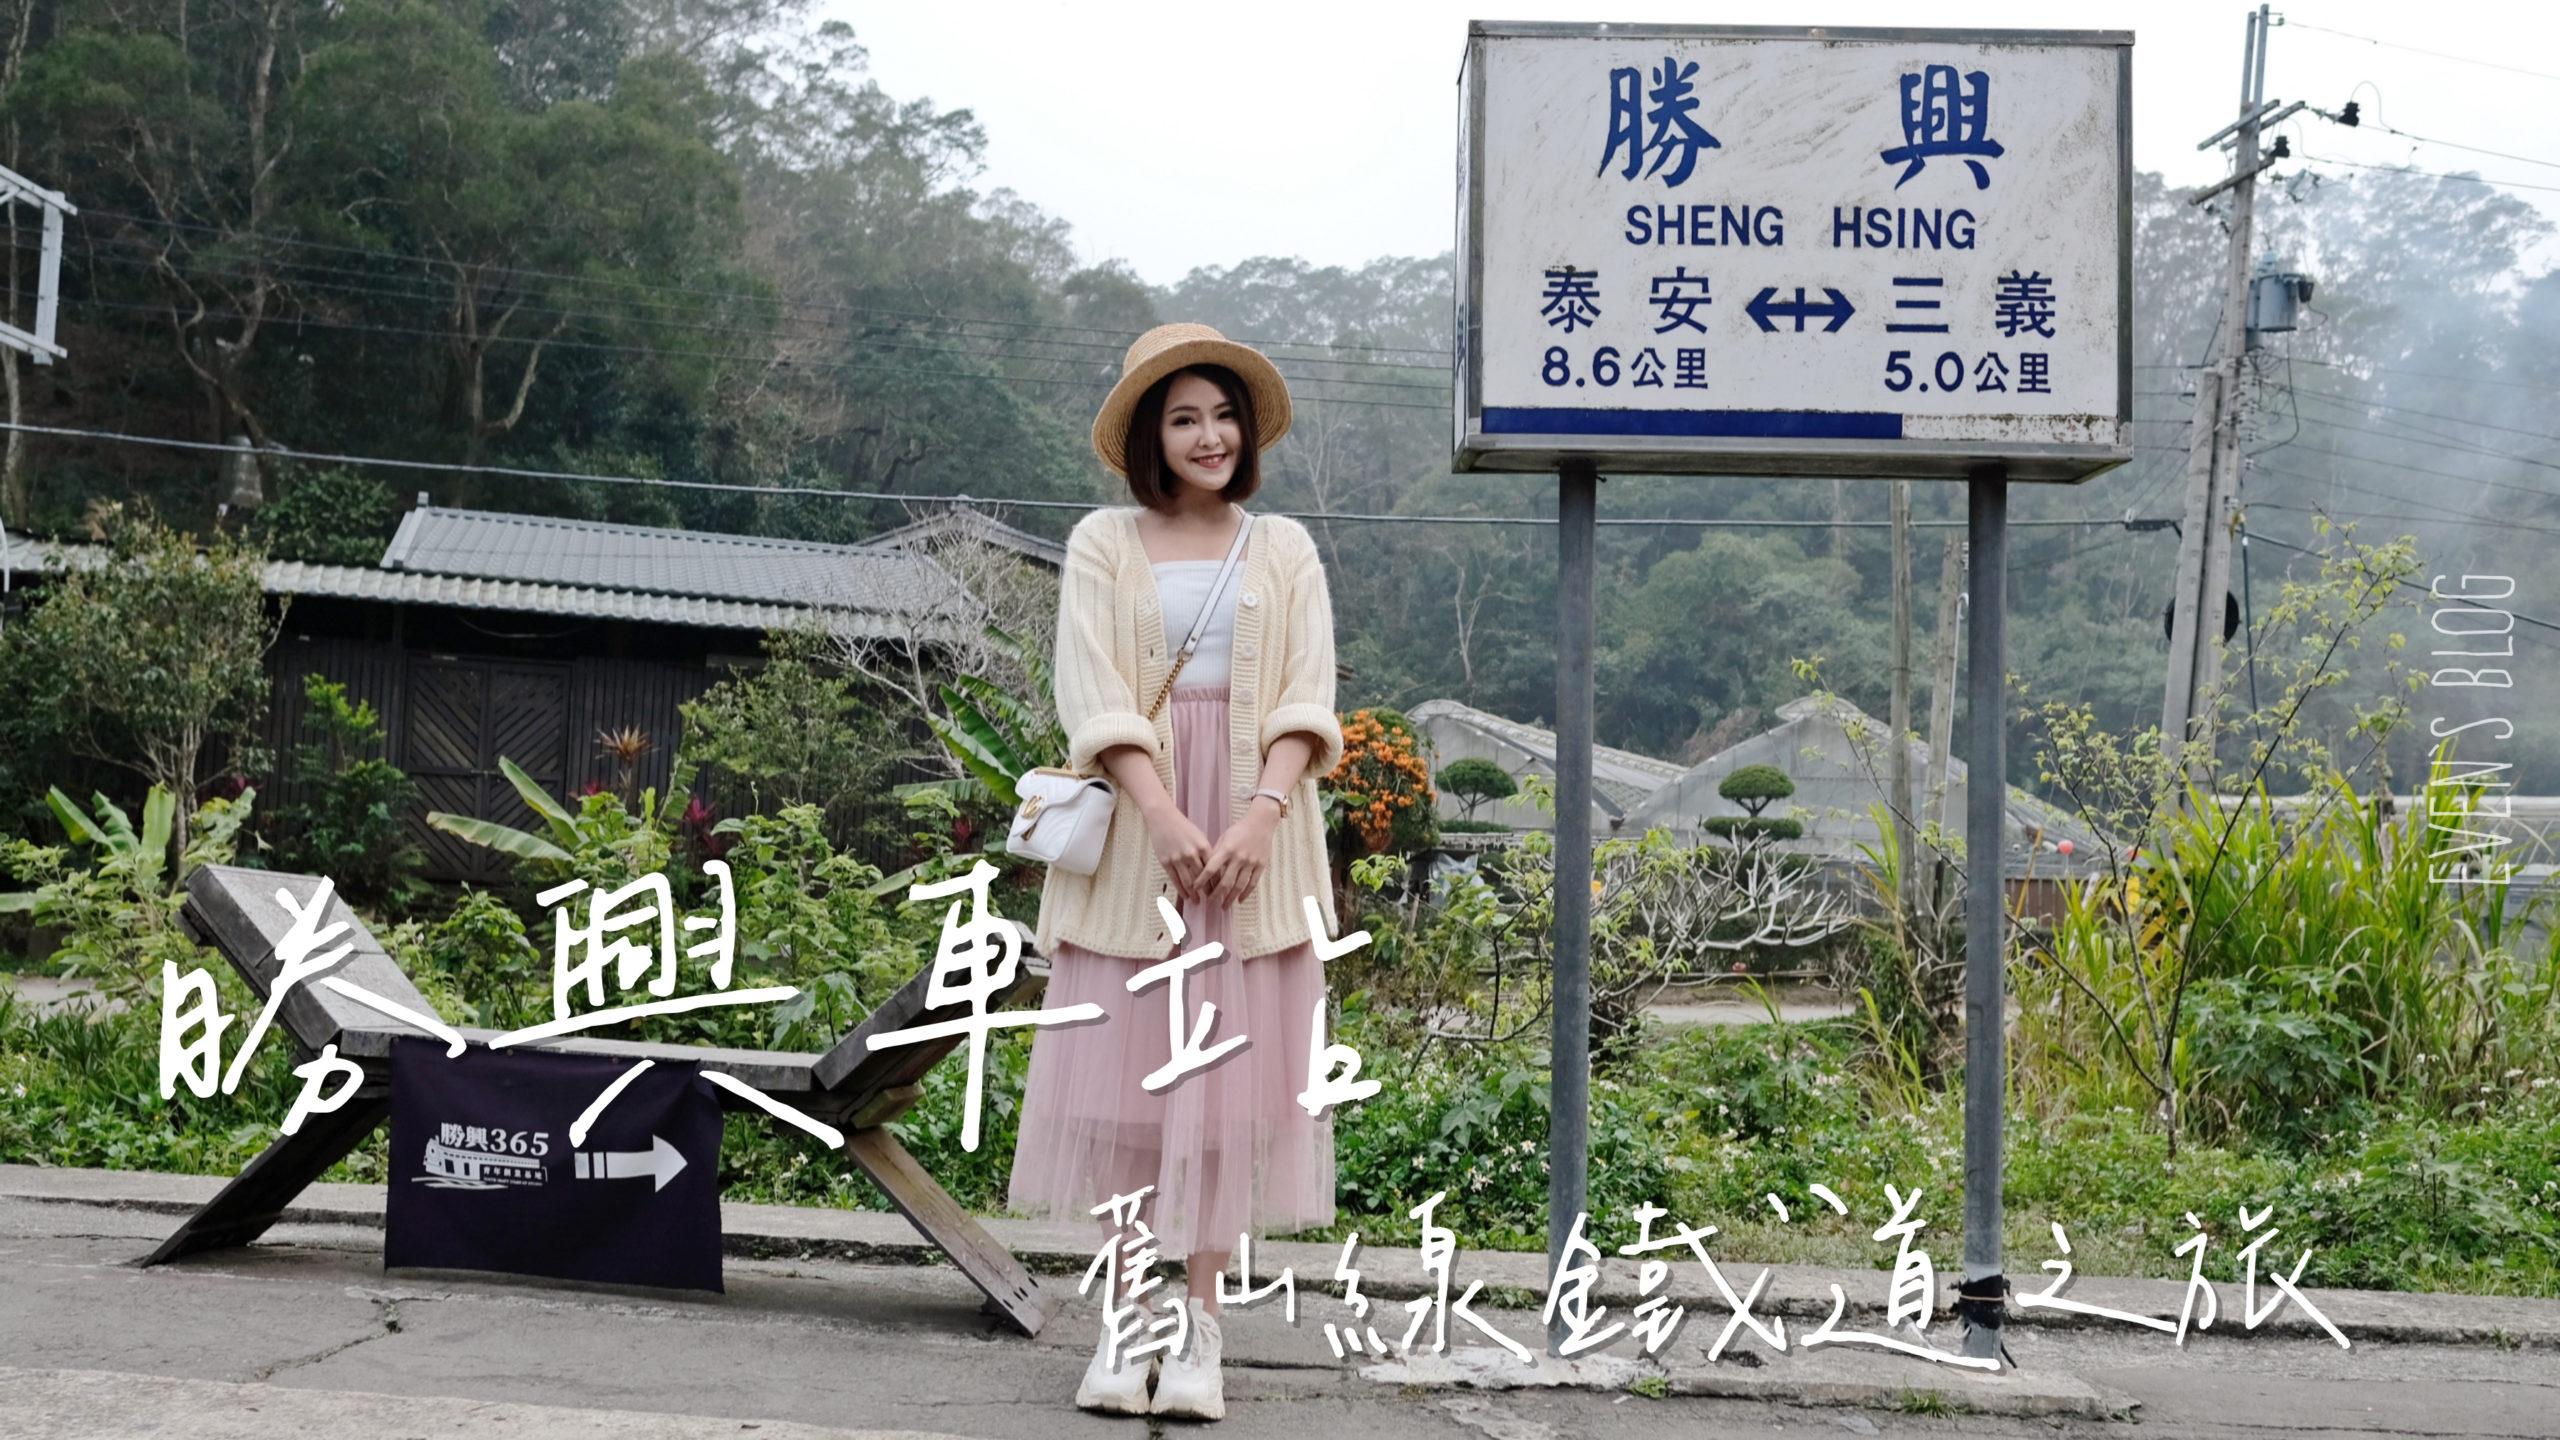 勝興車站,苗栗景點,苗栗旅遊,台灣旅遊,國內旅遊